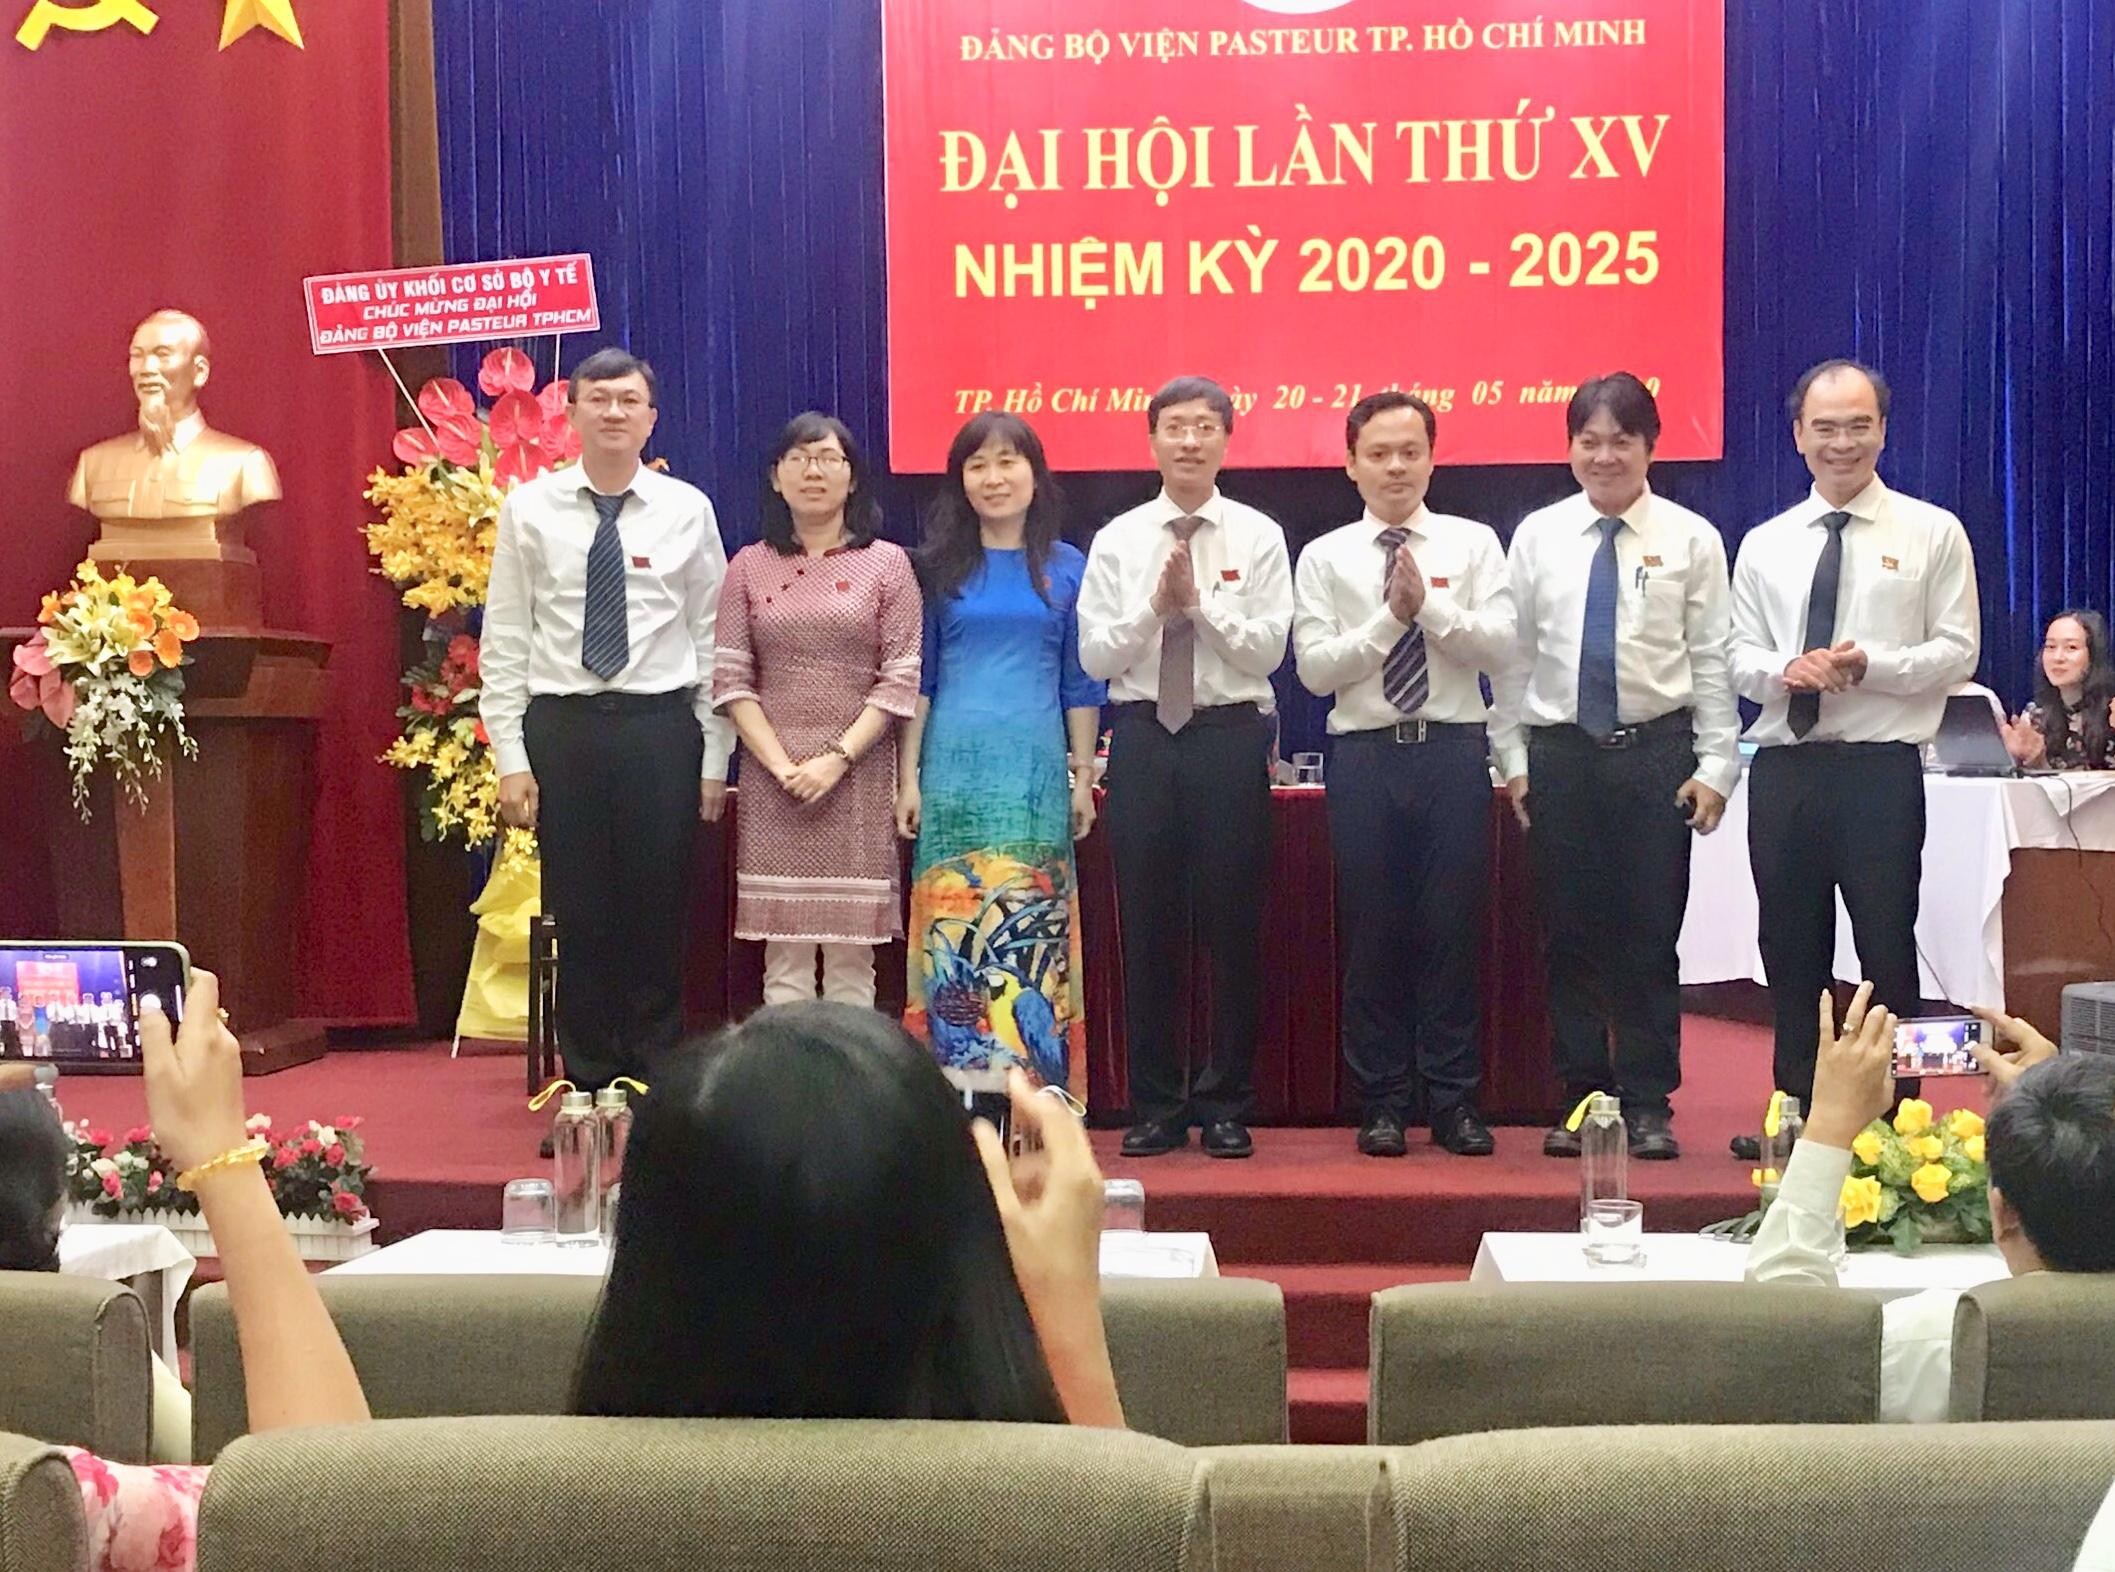 Ban chấp hành Đảng bộ, Uỷ Ban Kiểm Tra nhiệm kỳ XV và Đoàn Đại biểu đi dự Đại Hội Cấp trên